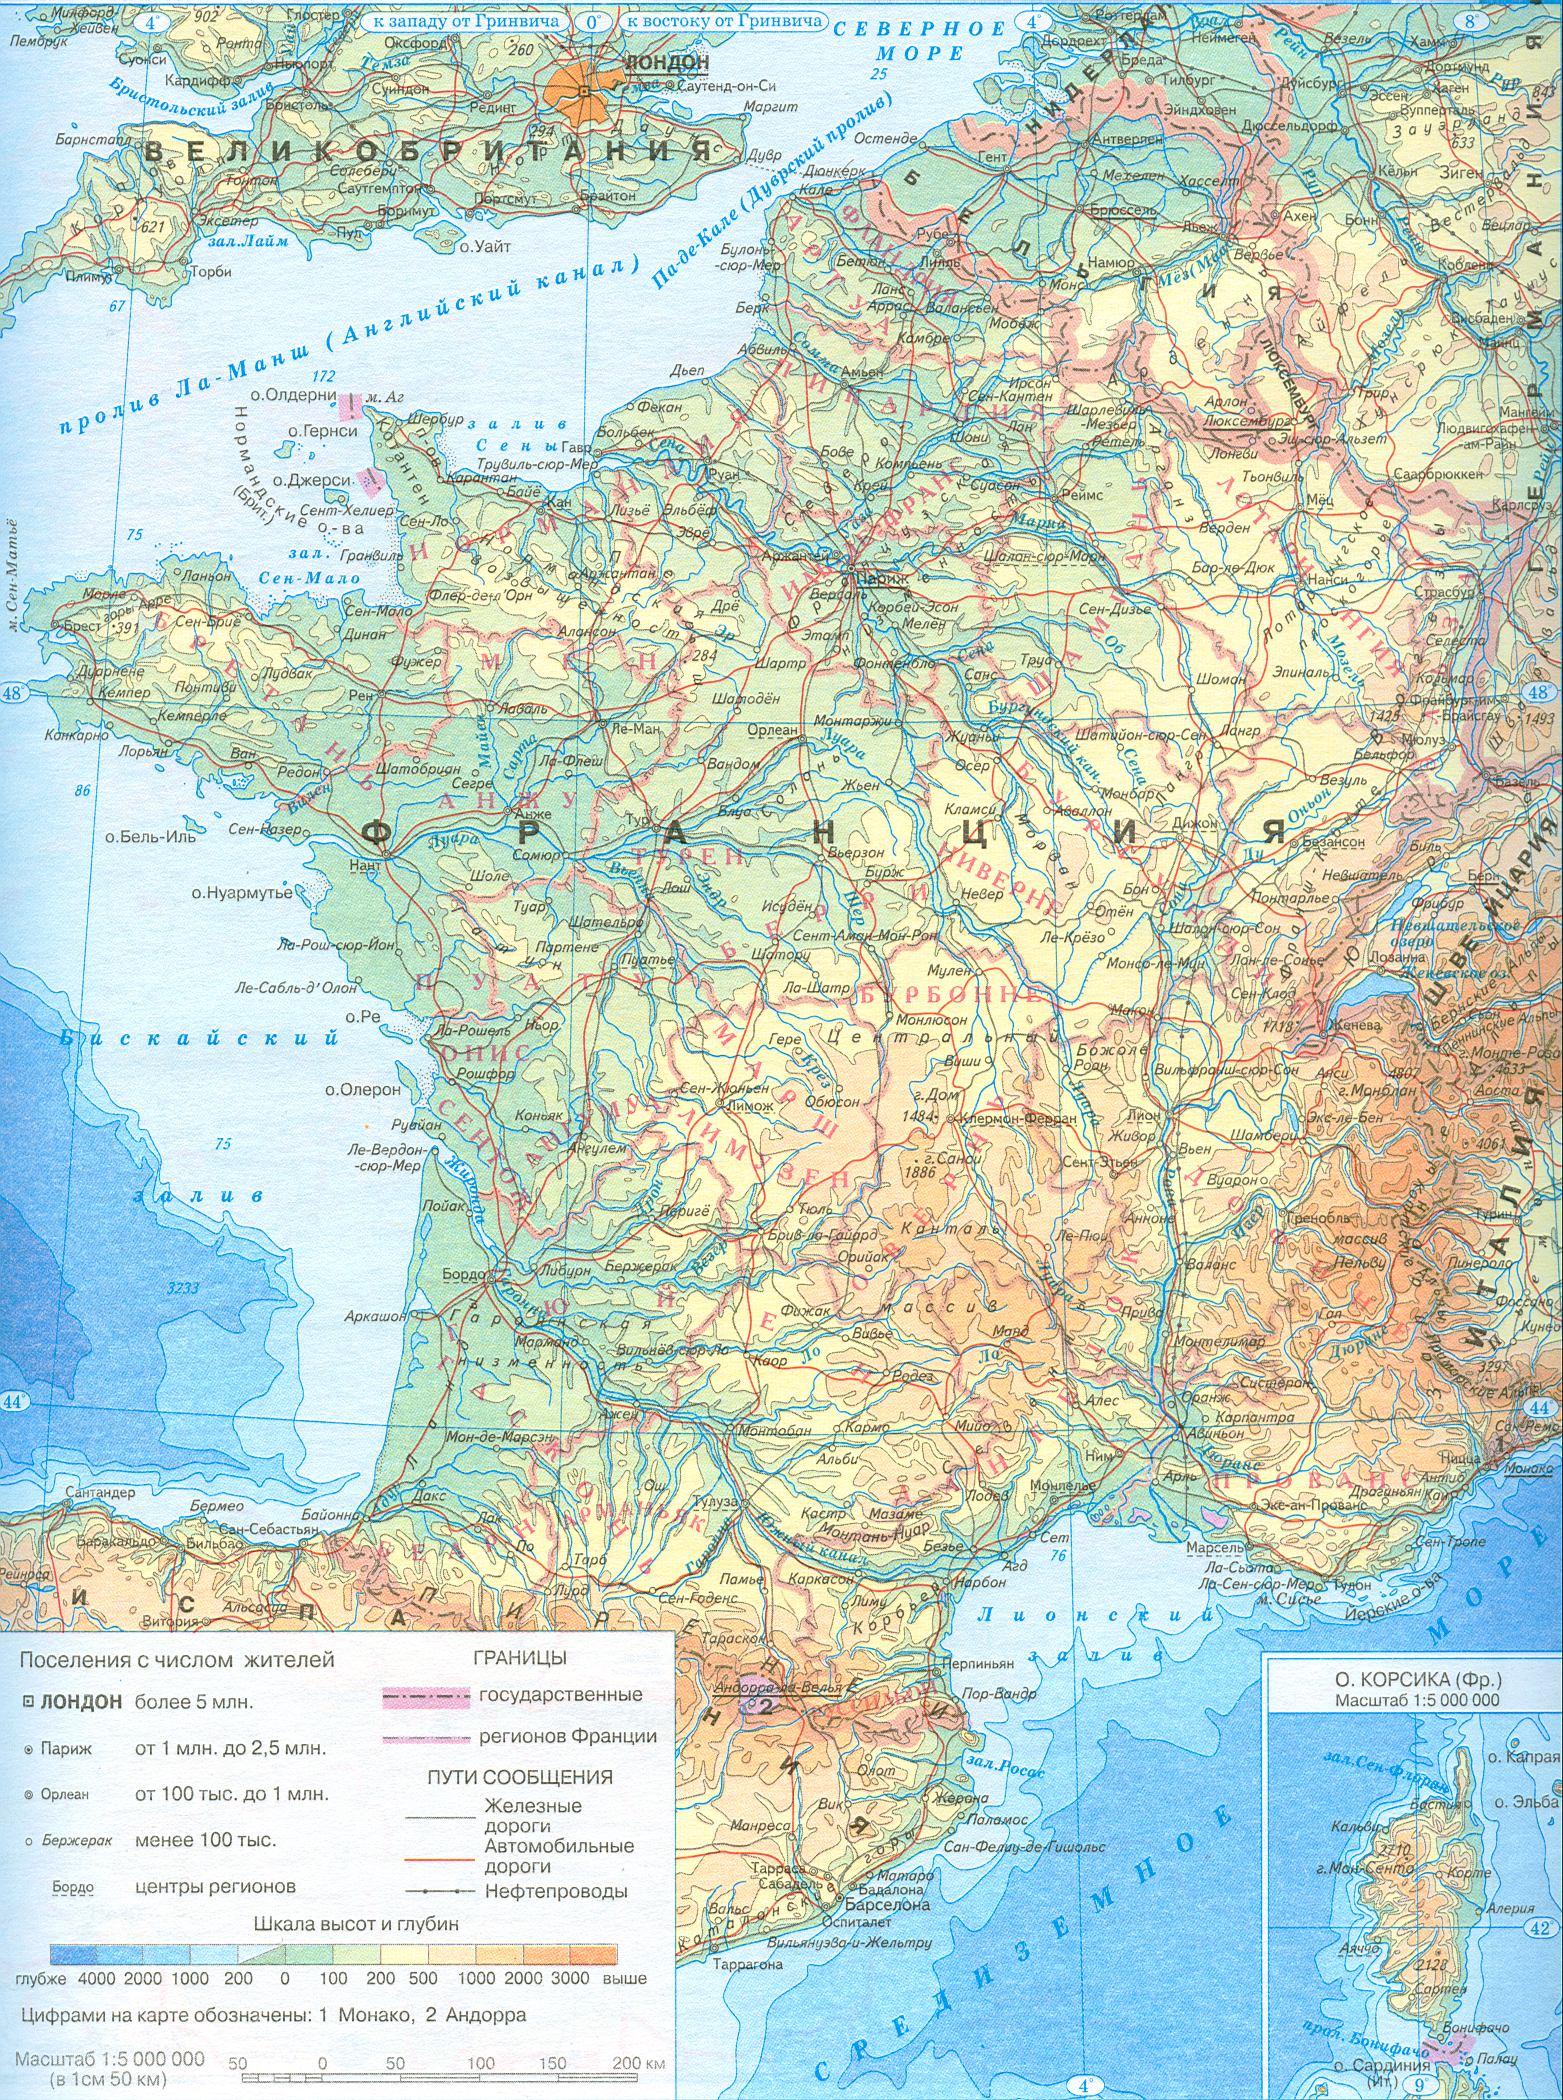 Франция географическая карта